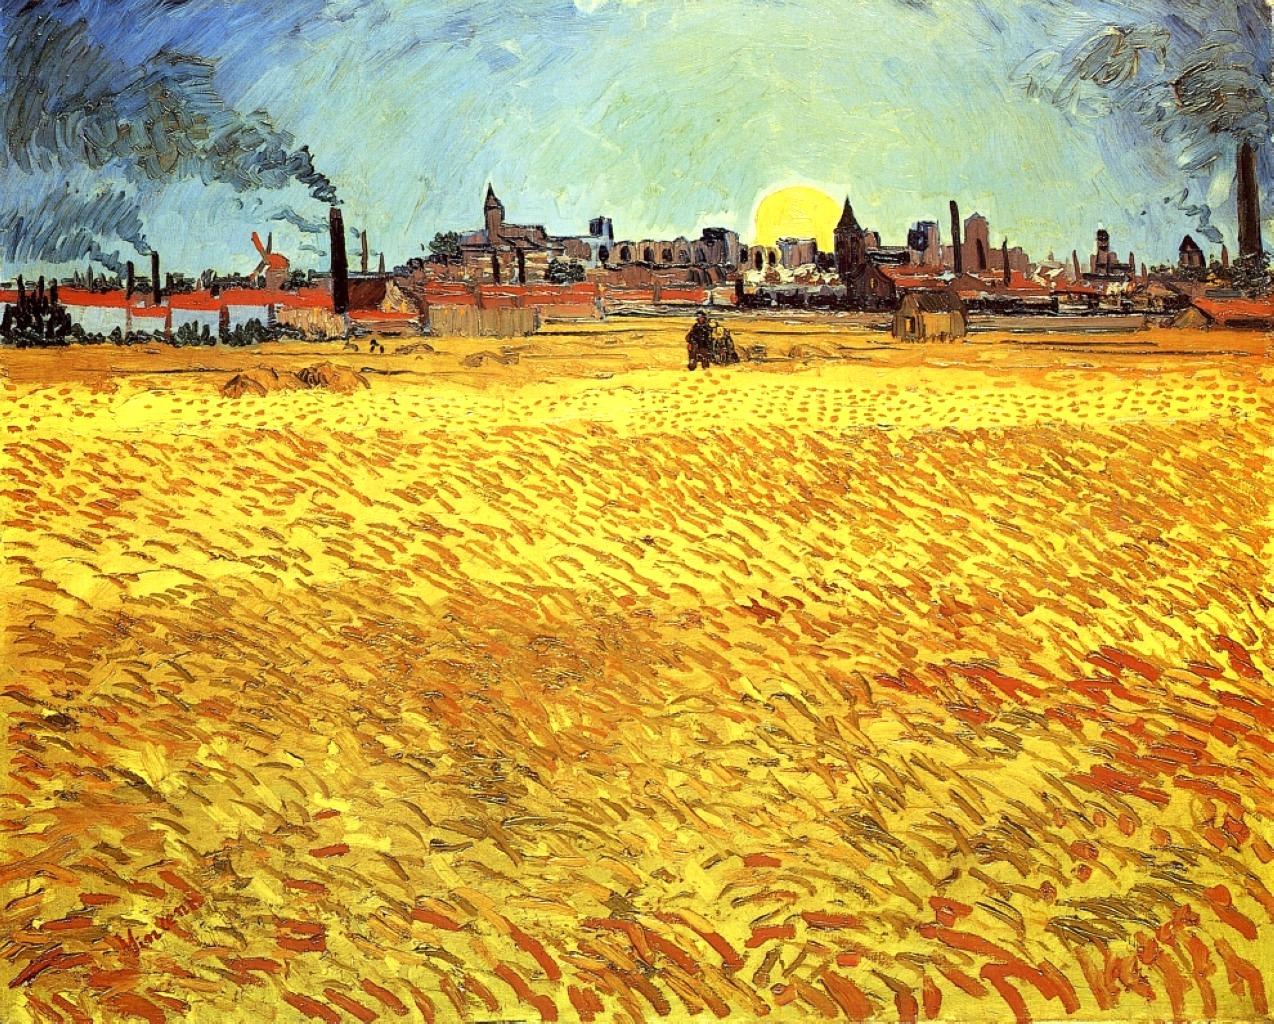 Летний вечер (Пшеничное поле в лучах заходящего солнца)[ картина - пейзаж ] :: Ван Гог, описание картины - Van Gogh (Ван Гог) фото